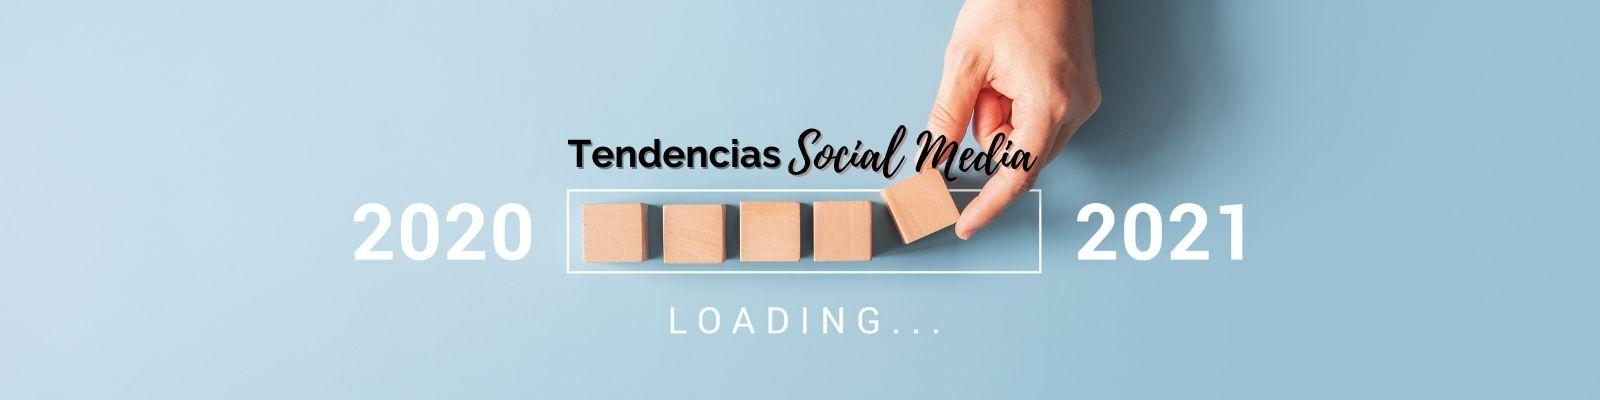 Social Media ¡nuevo año a la vista y nuevas tendencias en redes!